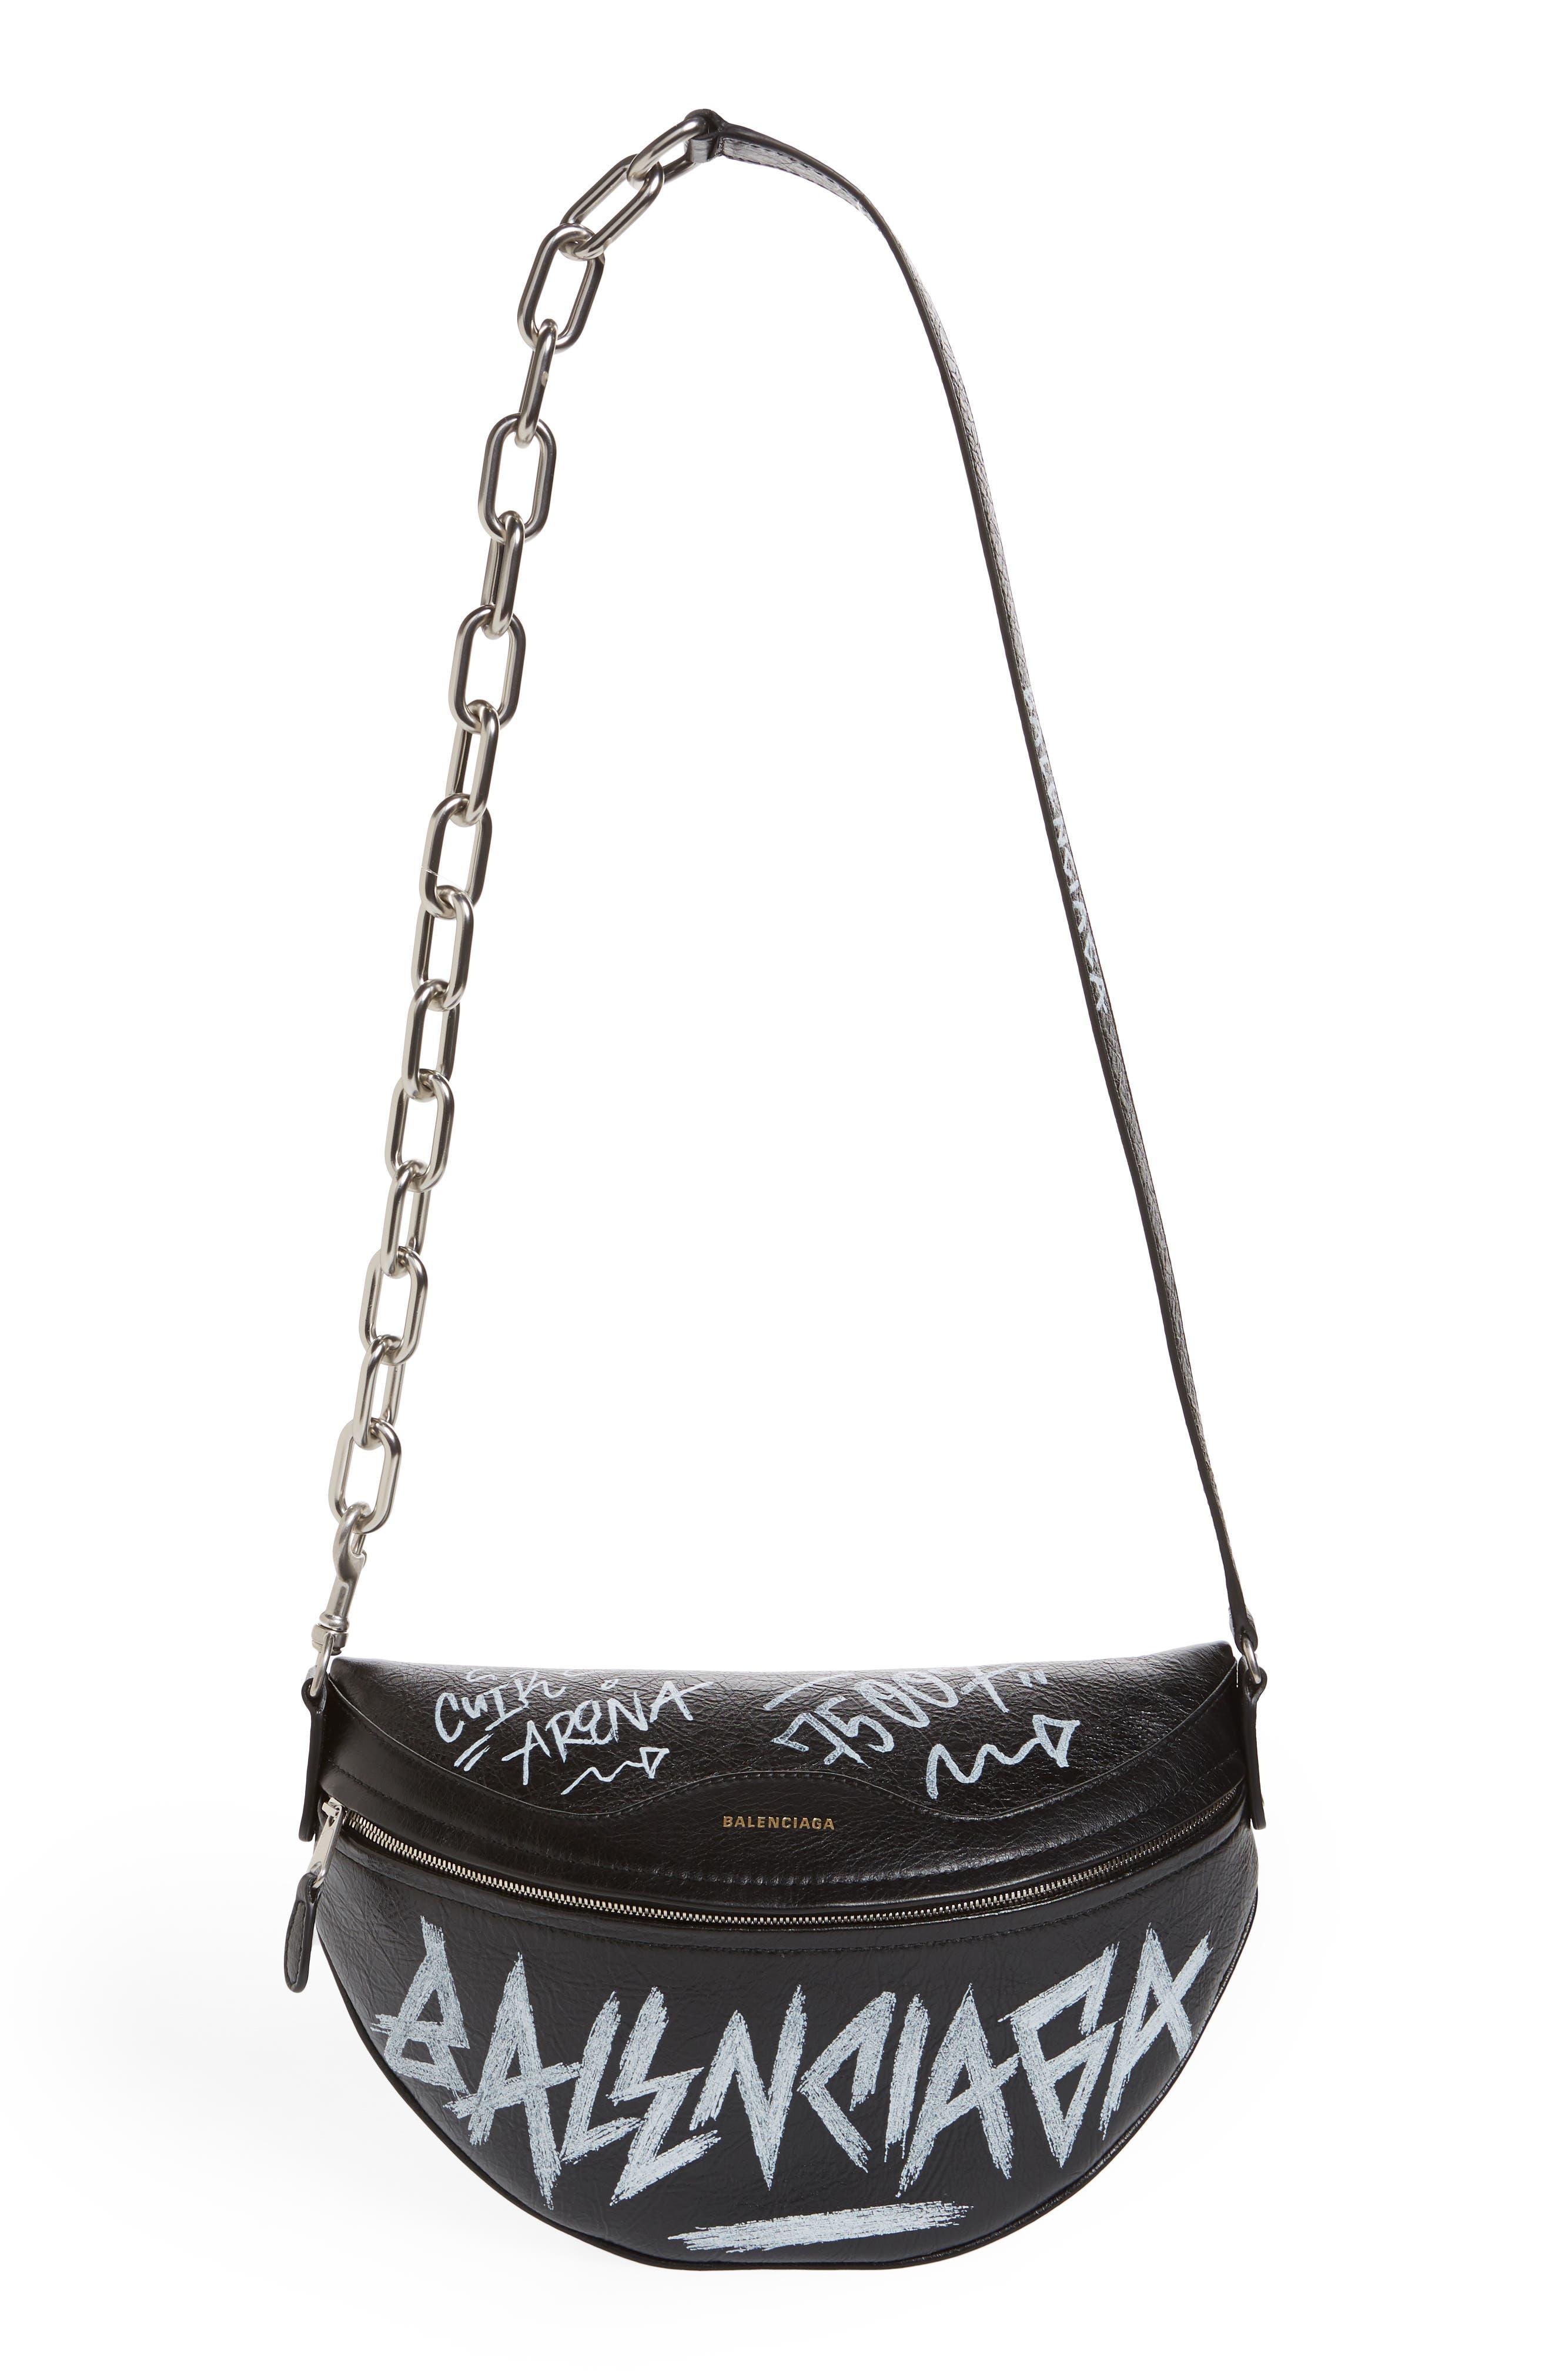 Graffiti Souvenir Leather Belt Bag,                             Main thumbnail 1, color,                             NOIR/ BLANC